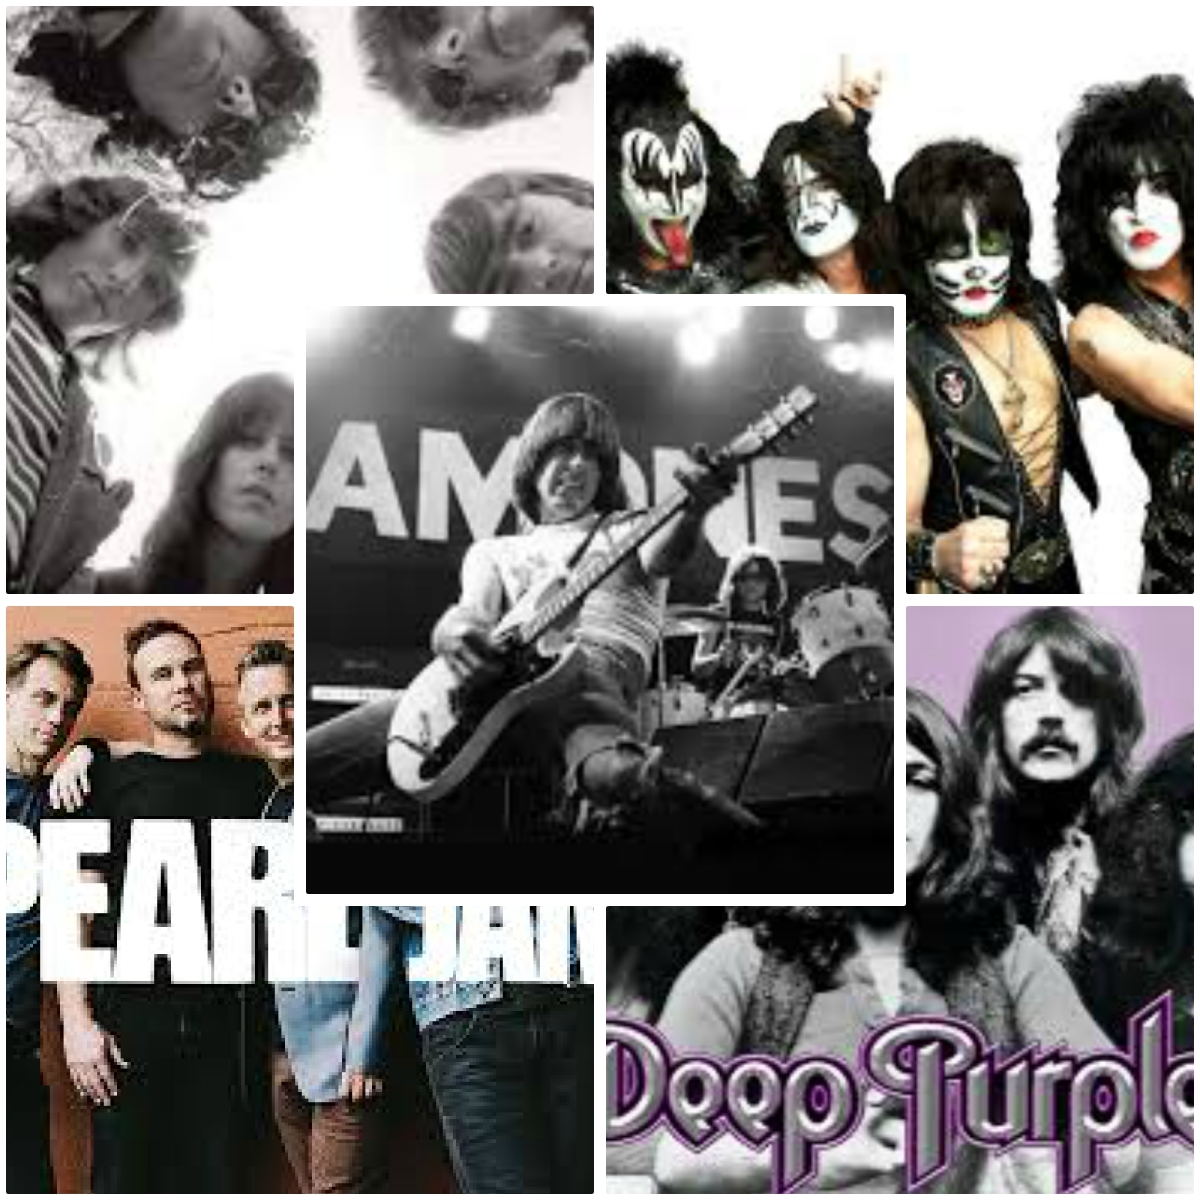 Πώς πήραν στ' αλήθεια το όνομά τους, οι Deep Purple, Kiss, The Ramones,Pearl Jam, Jefferson Airplane;